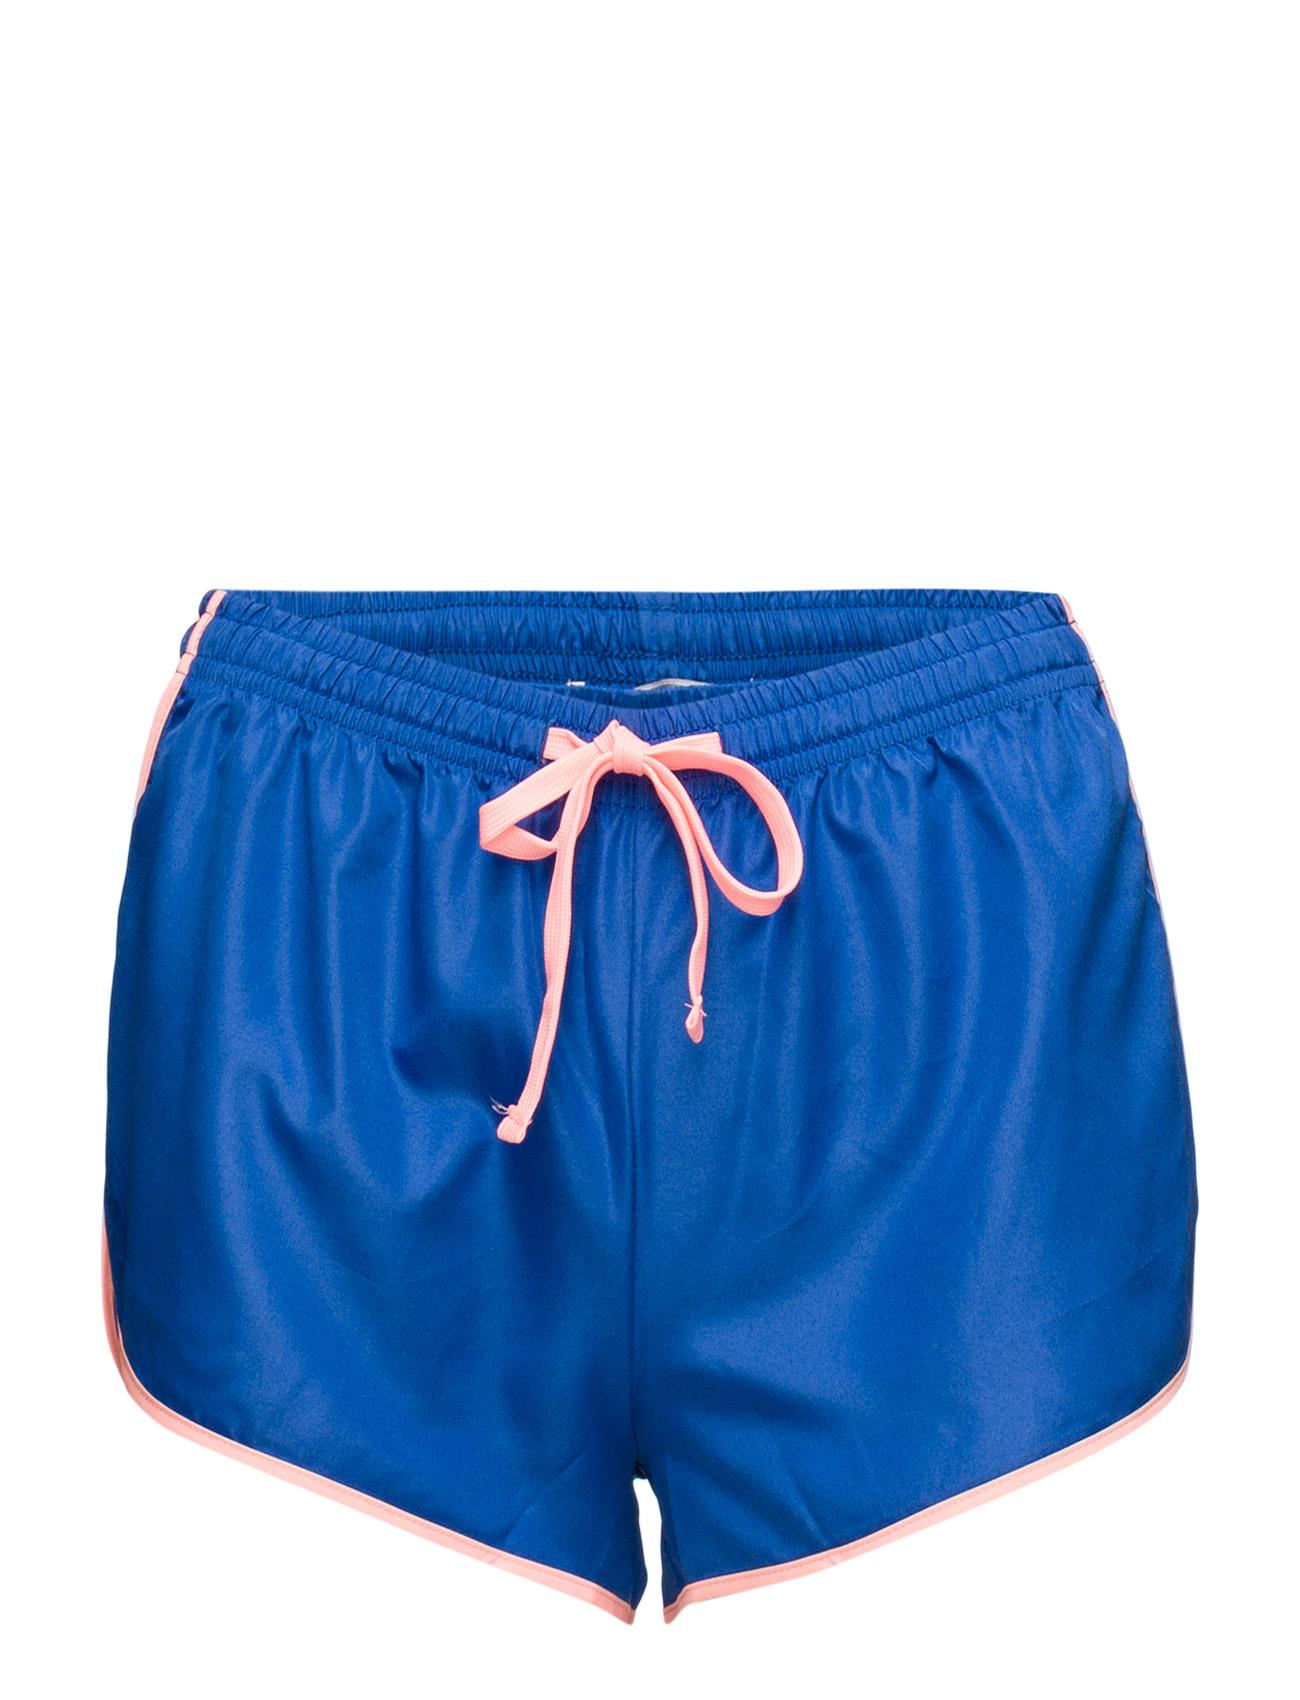 9df6df6b85d5 Køb Lindsay Shorts Missya Strandtøj i Koral til Kvinder på en webshop